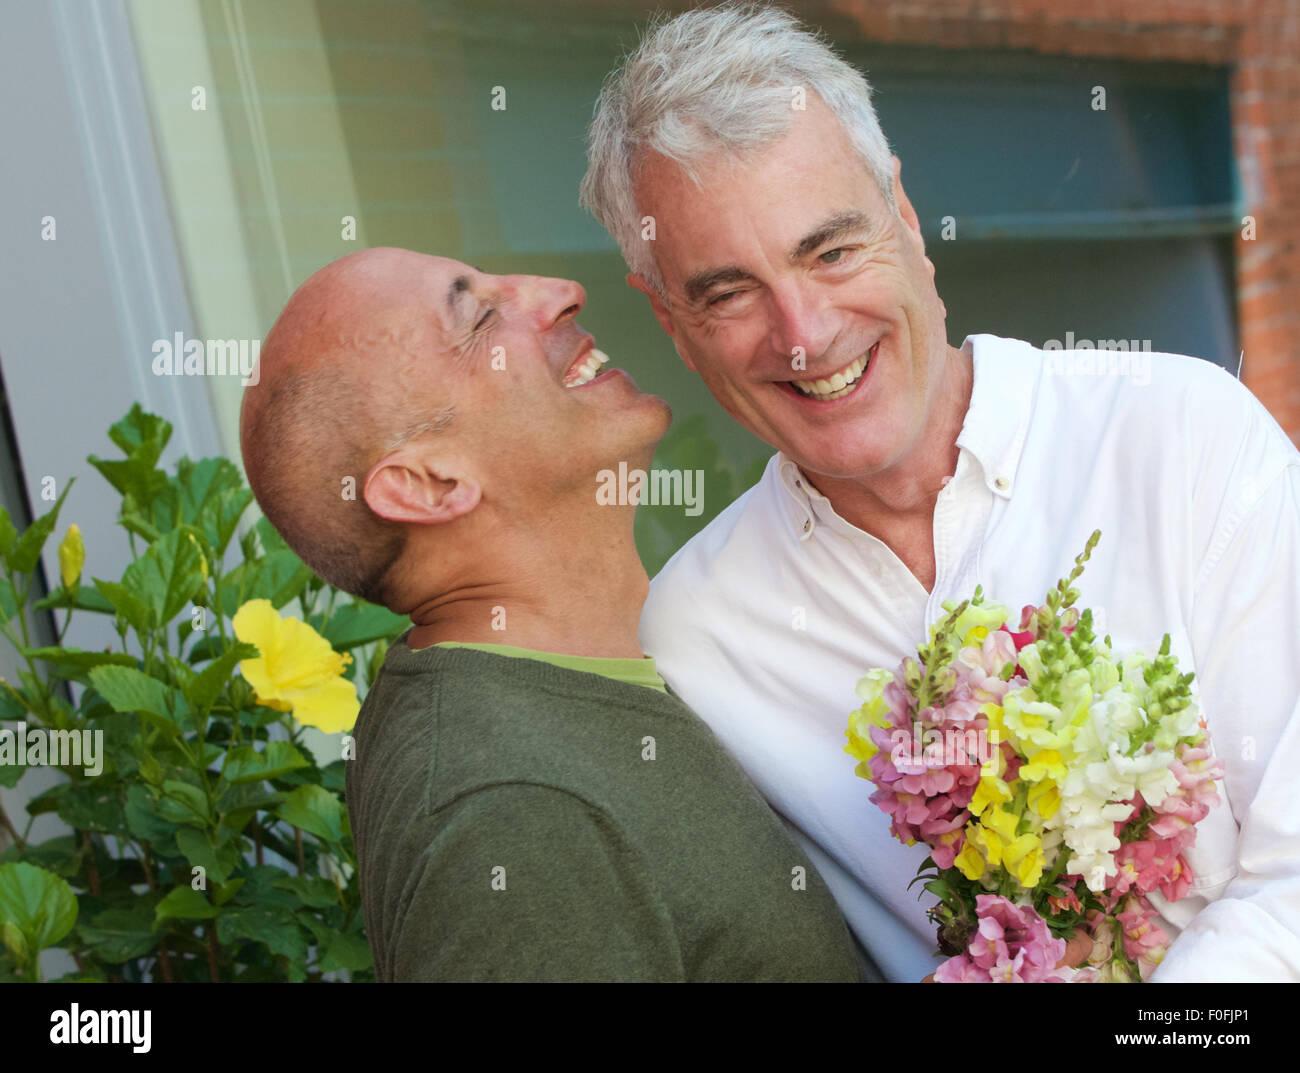 reife schwule Liebe